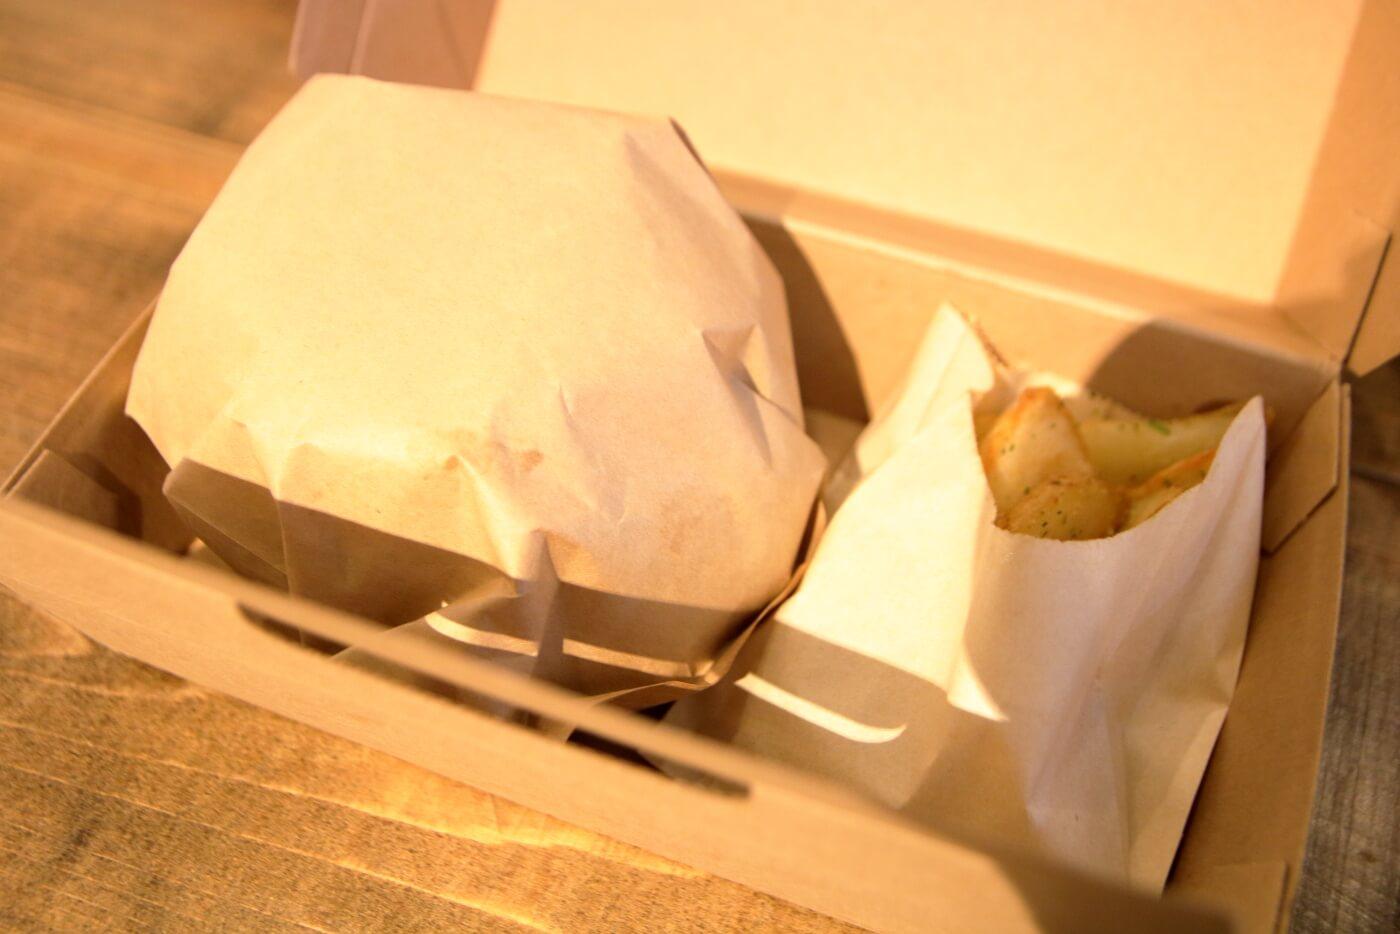 デュロックマン56 高知蔦屋書店 ハンバーガーとホットドッグを持ち帰りテイクアウト